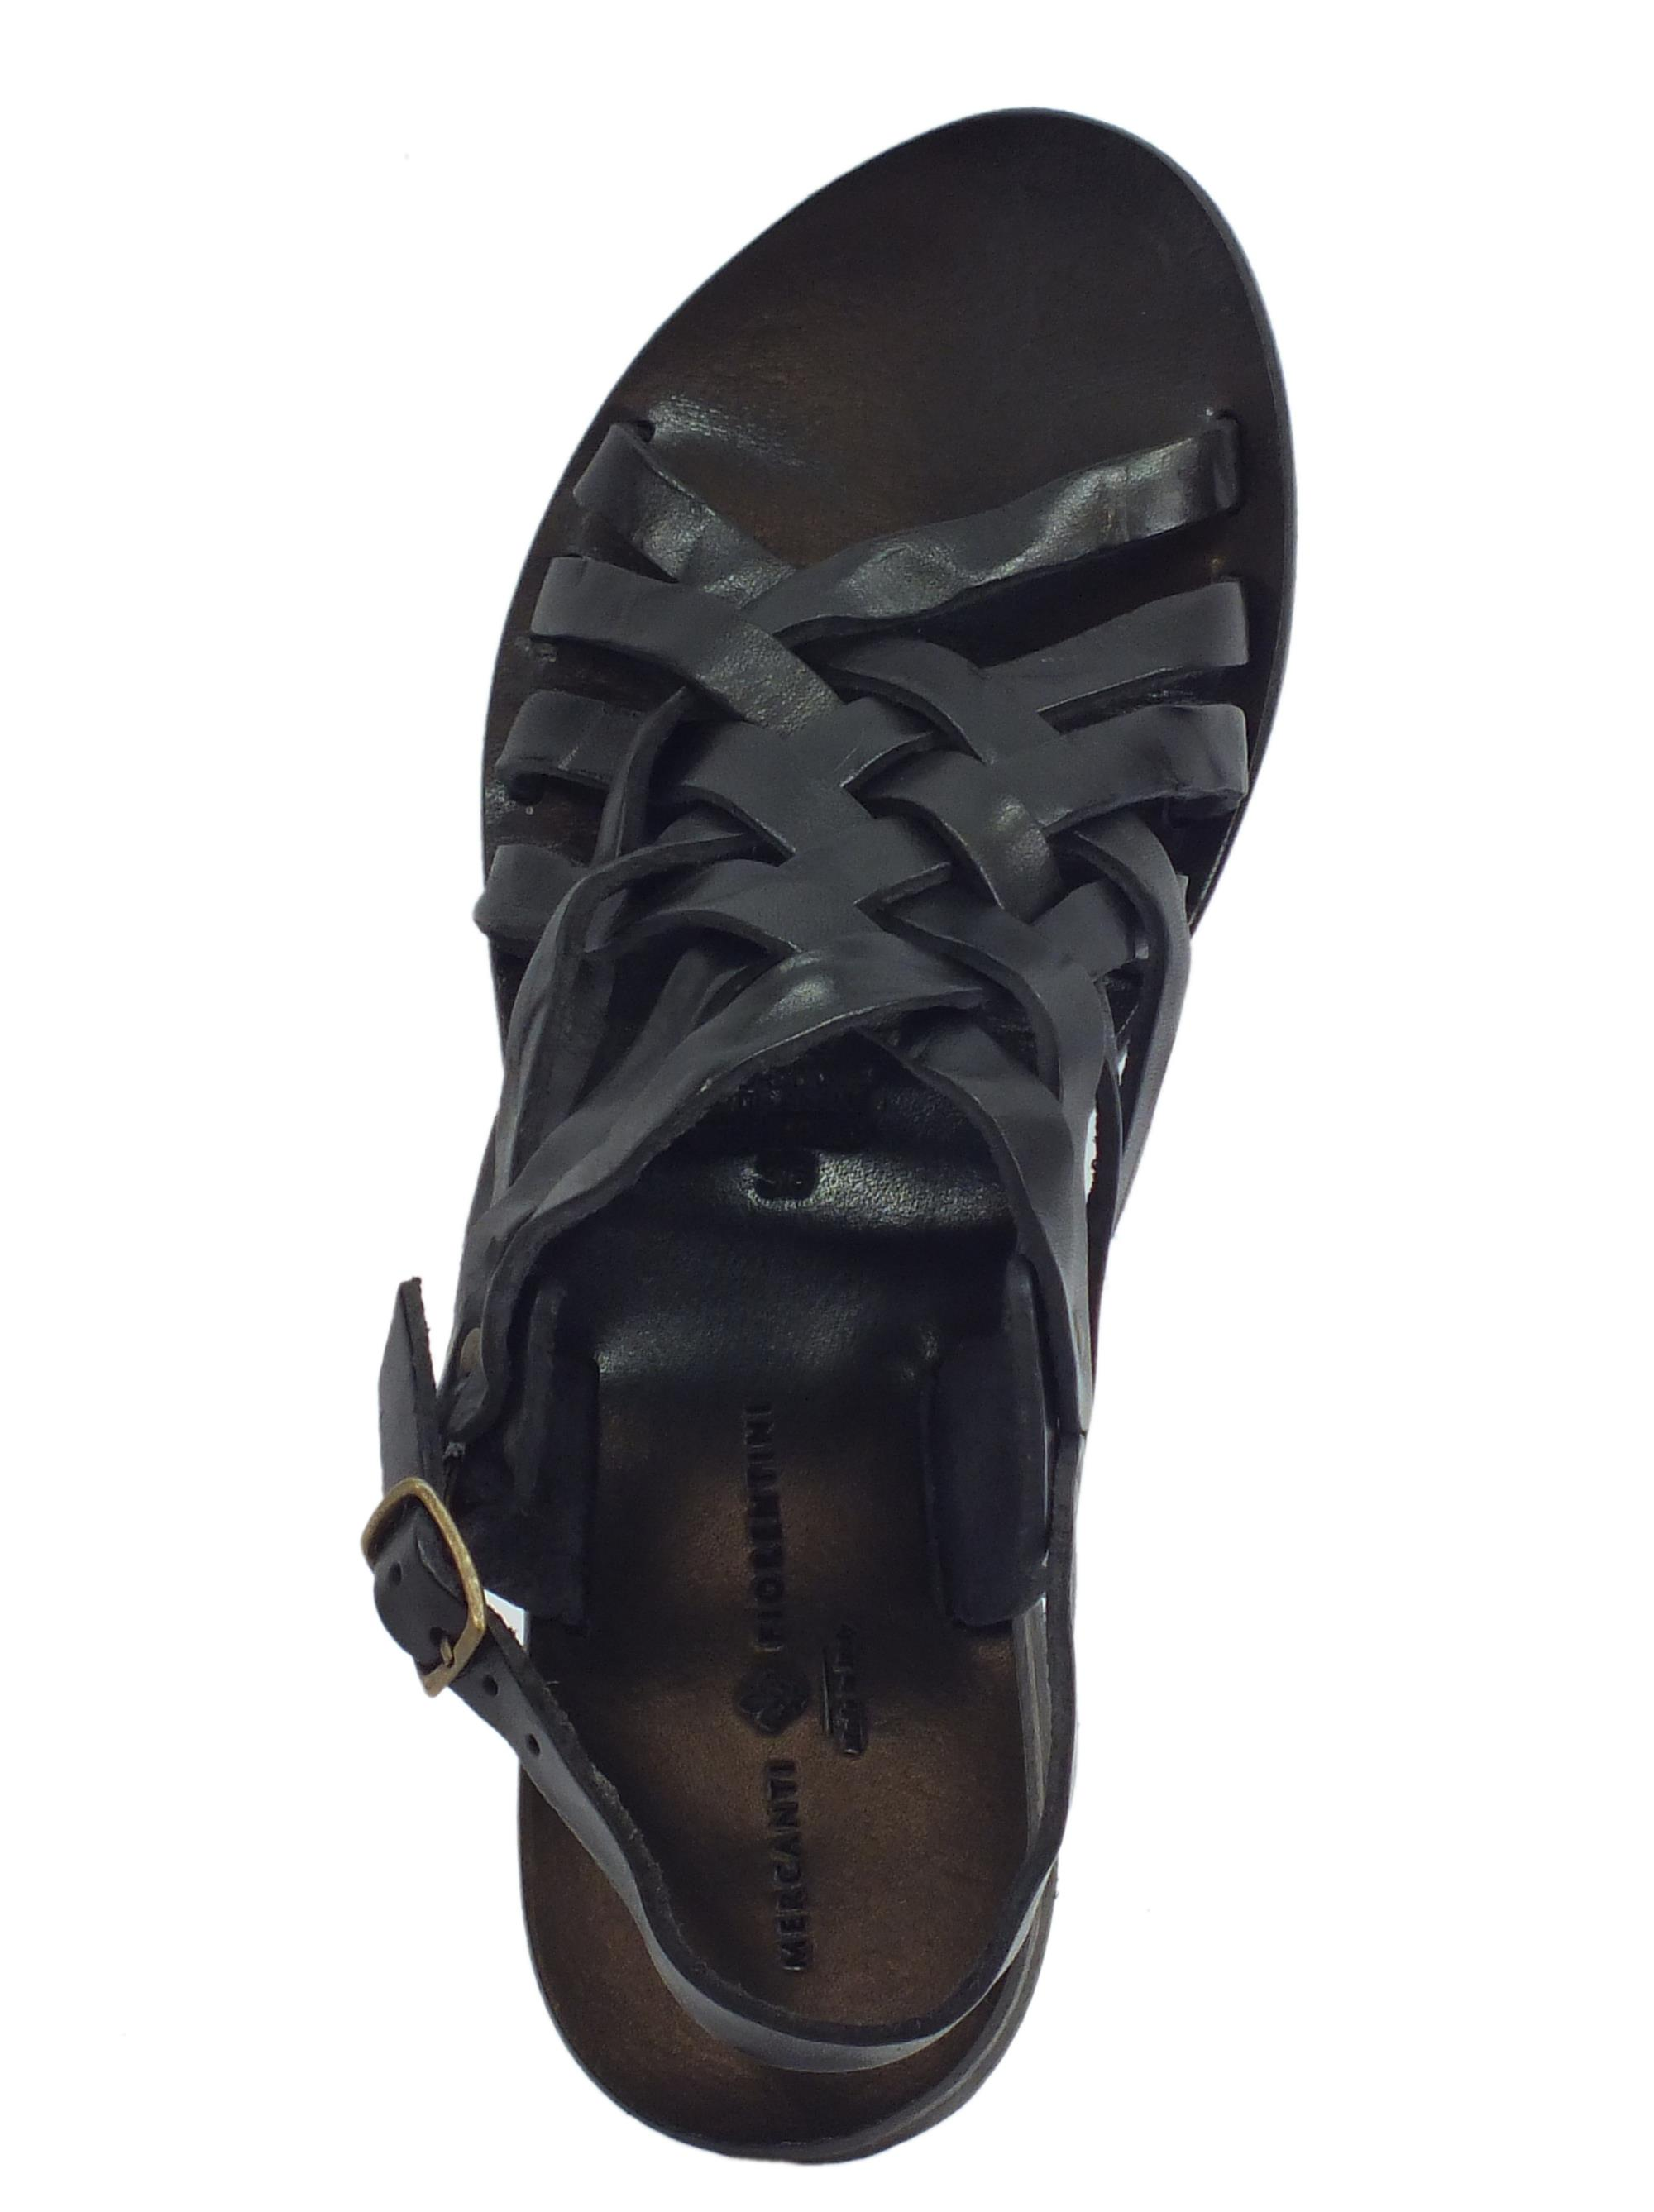 ... Sandali artigianali Mercanti Fiorentini in pelle tuffata nero fondo  cuoio tacco basso ... 9805ce49f31